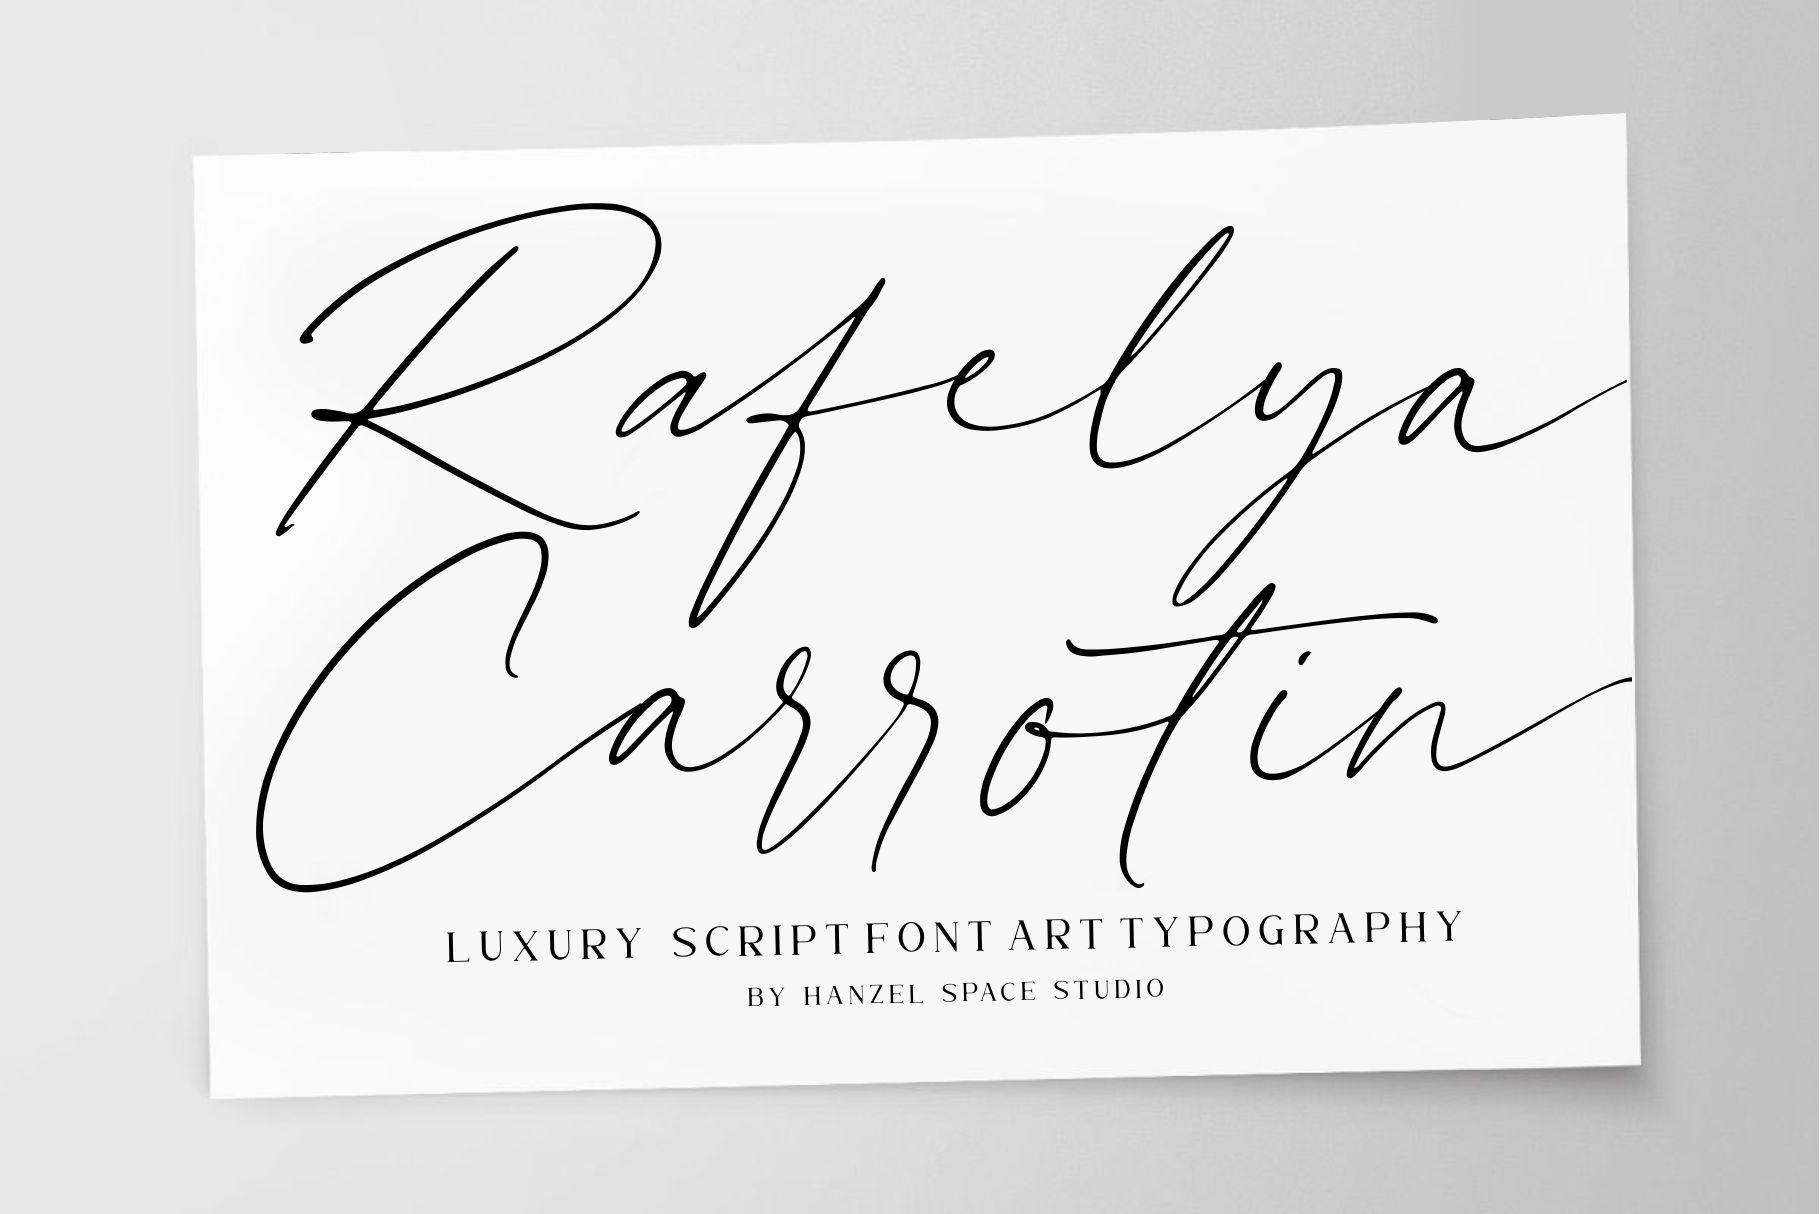 Rellyan Charlotte Handwritten Signature Font-1